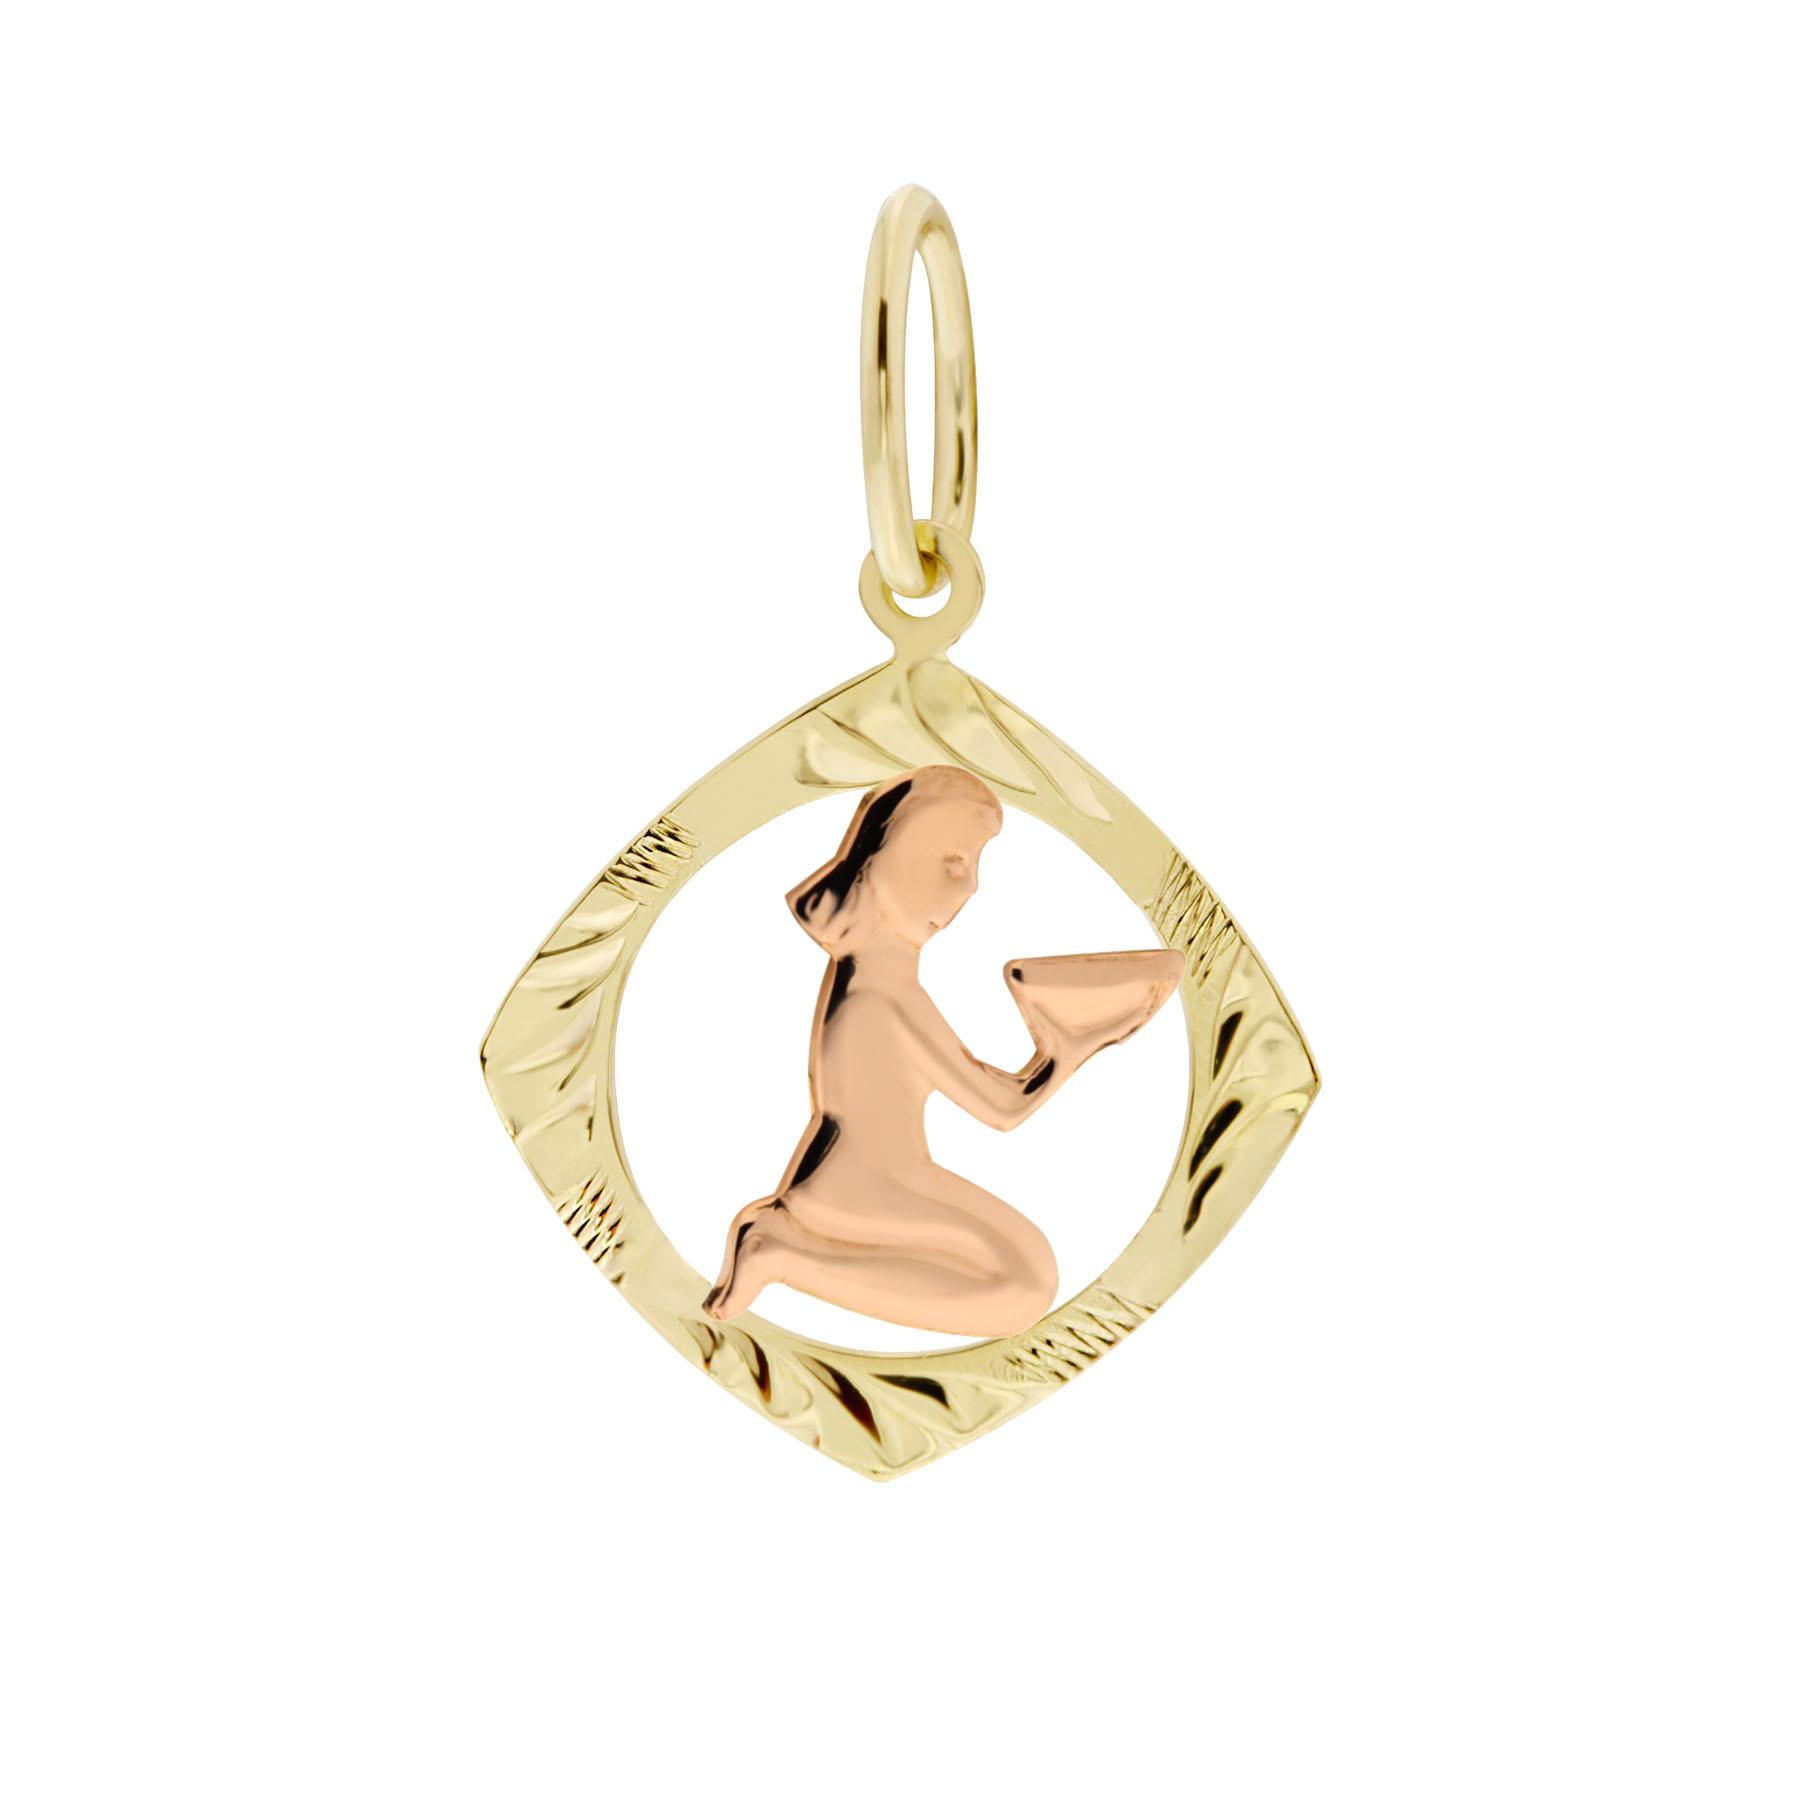 Zlatý přívěsek - znamení zvěrokruhu Panna Tvar: Čtvereček, rytý rámeček